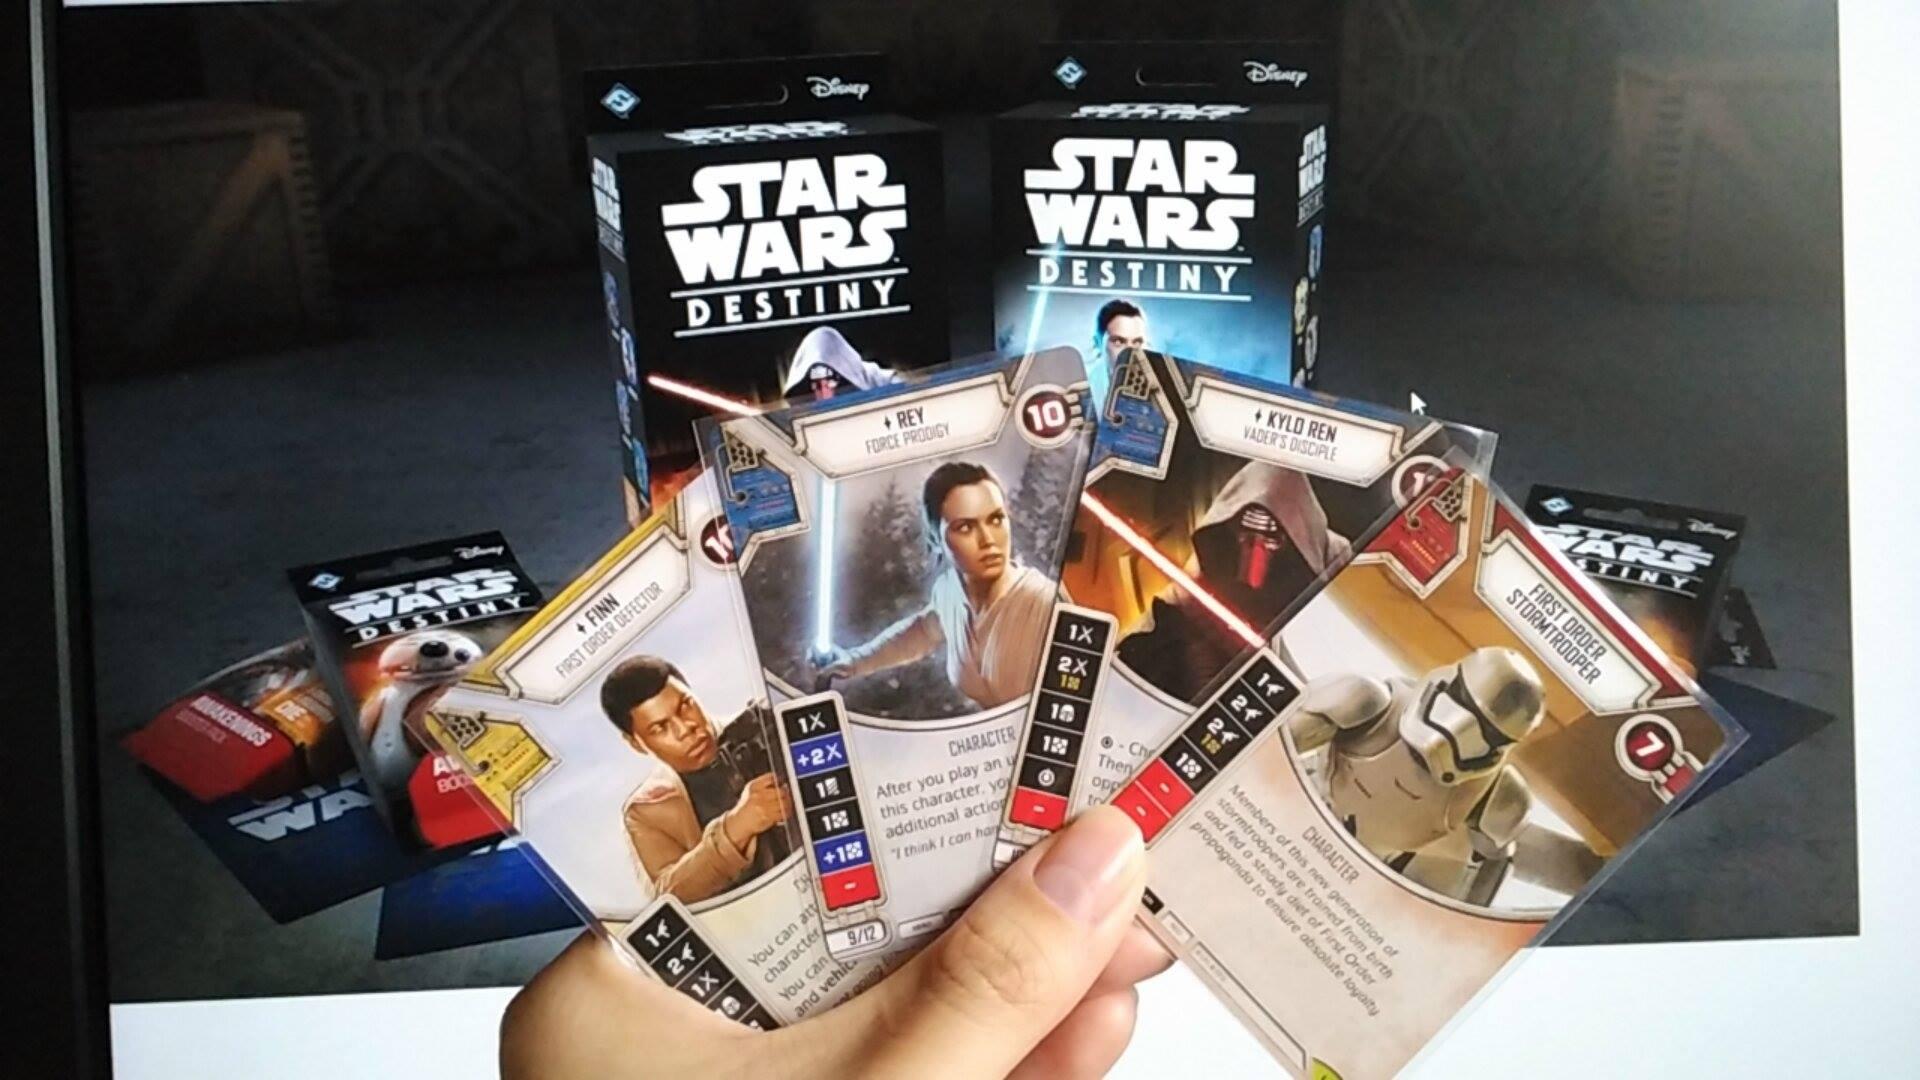 Star Wars Merchandise | shopDisney